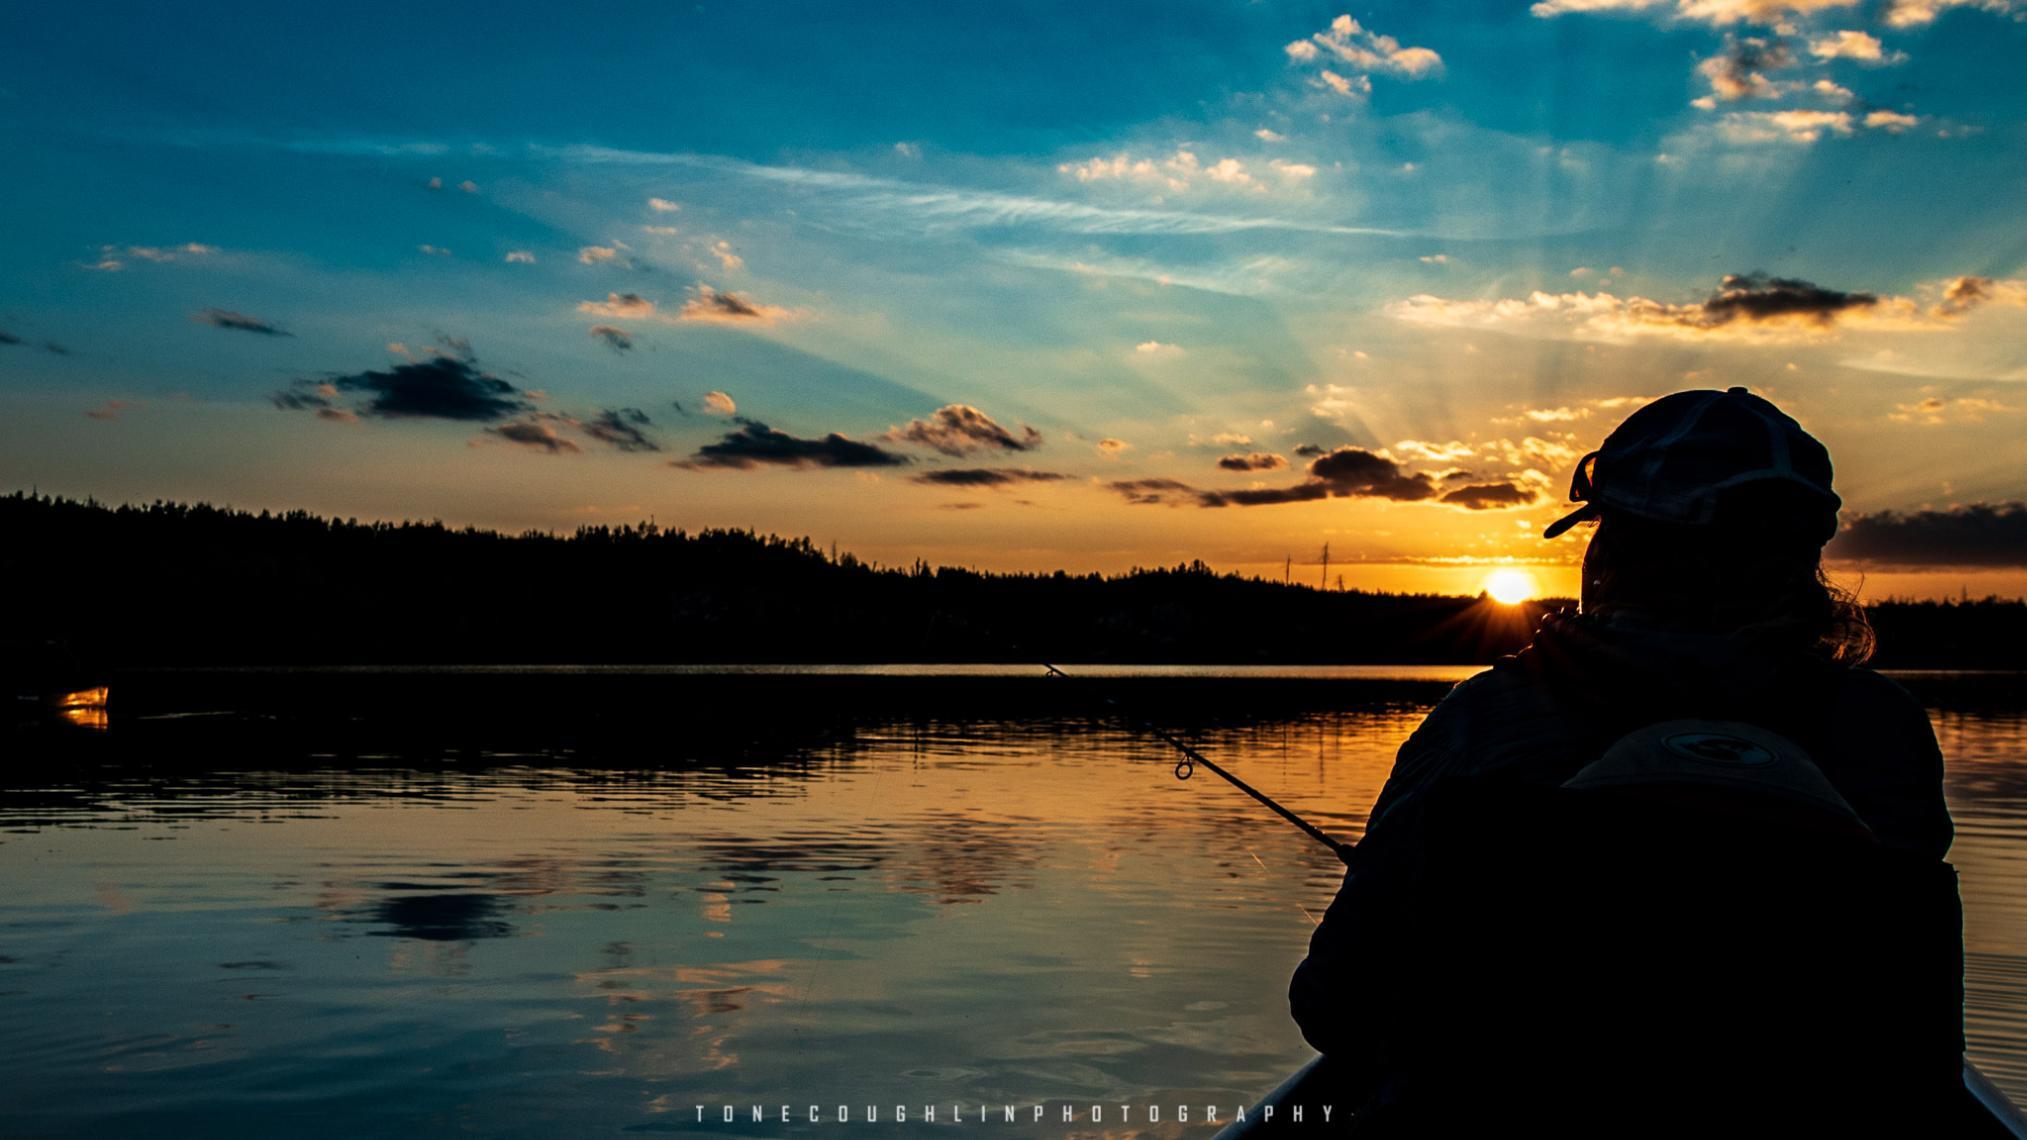 Gneiss Lake - Sunset Fishing